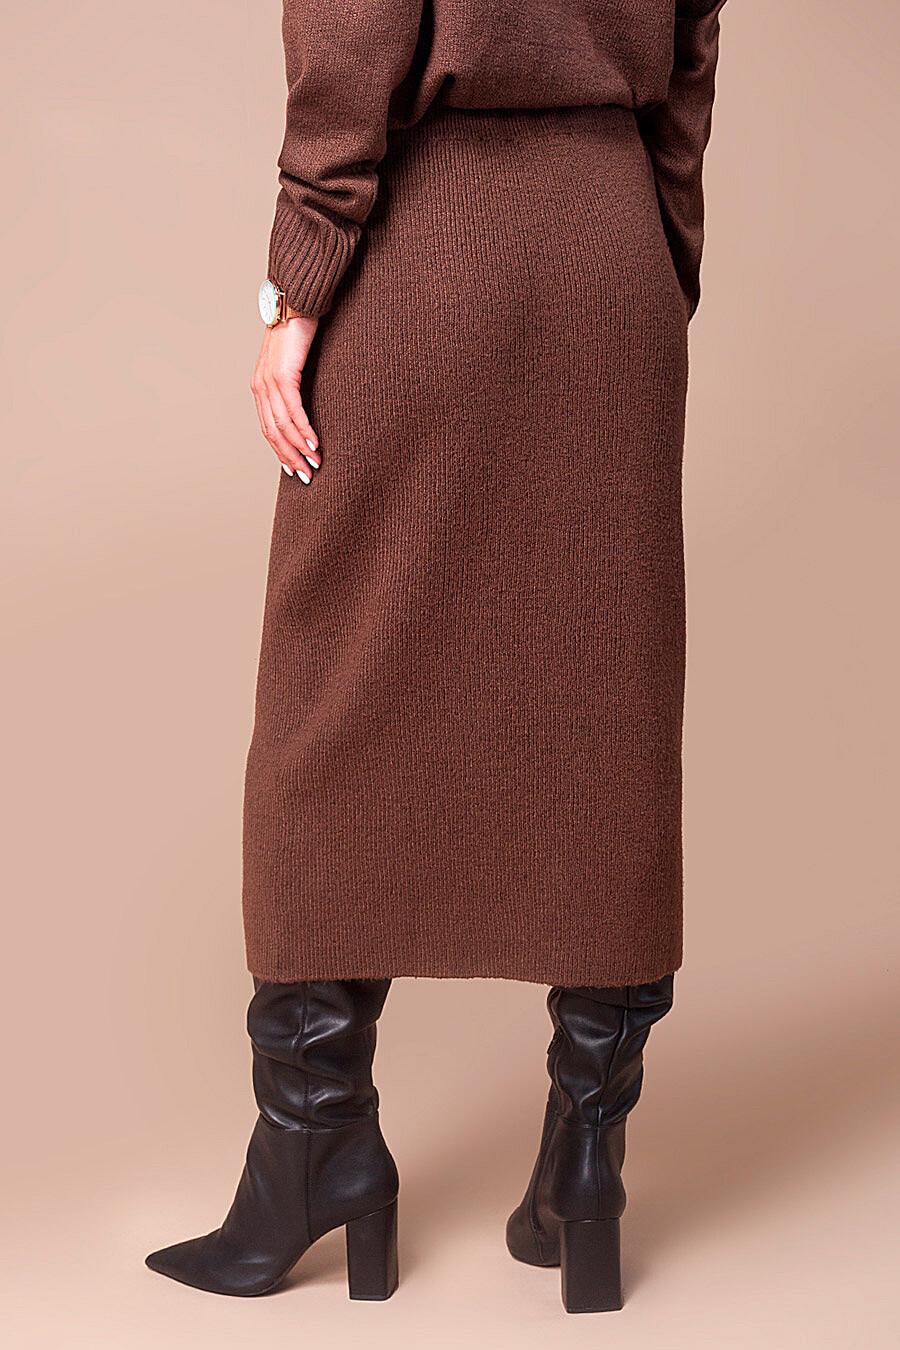 Юбка для женщин VILATTE 700254 купить оптом от производителя. Совместная покупка женской одежды в OptMoyo